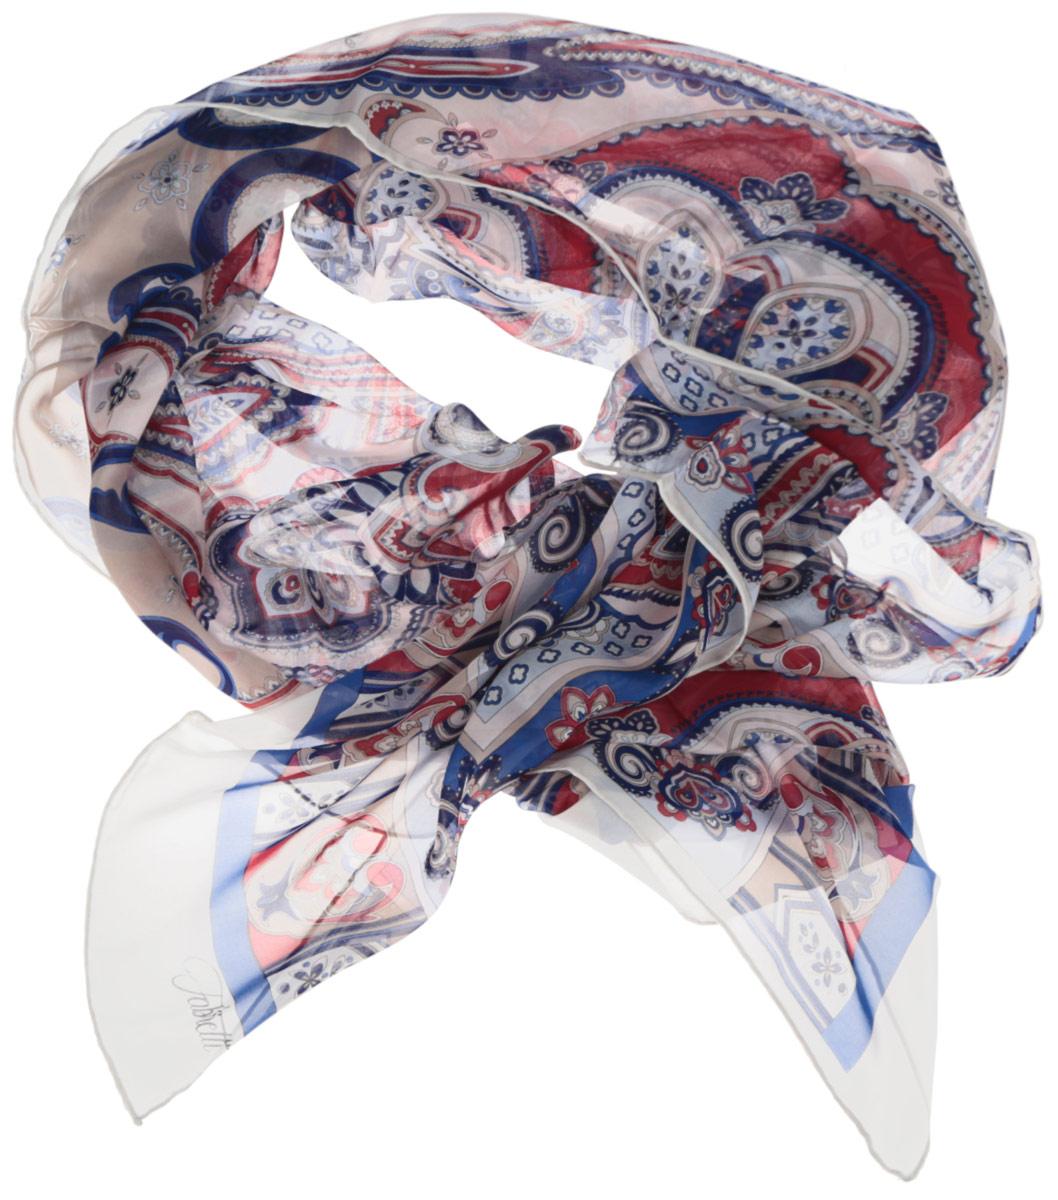 Шарф женский. CX1516-45CX1516-45-1Модный женский шарф Fabretti подарит вам уют и станет стильным аксессуаром, который призван подчеркнуть вашу индивидуальность и женственность. Тонкий шарф выполнен из высококачественного шелка, он невероятно мягкий и приятный на ощупь. Шарф оформлен принтом с оригинальным этническим орнаментом. Этот модный аксессуар гармонично дополнит образ современной женщины, следящей за своим имиджем и стремящейся всегда оставаться стильной и элегантной. Такой шарф украсит любой наряд и согреет вас в непогоду, с ним вы всегда будете выглядеть изысканно и оригинально.